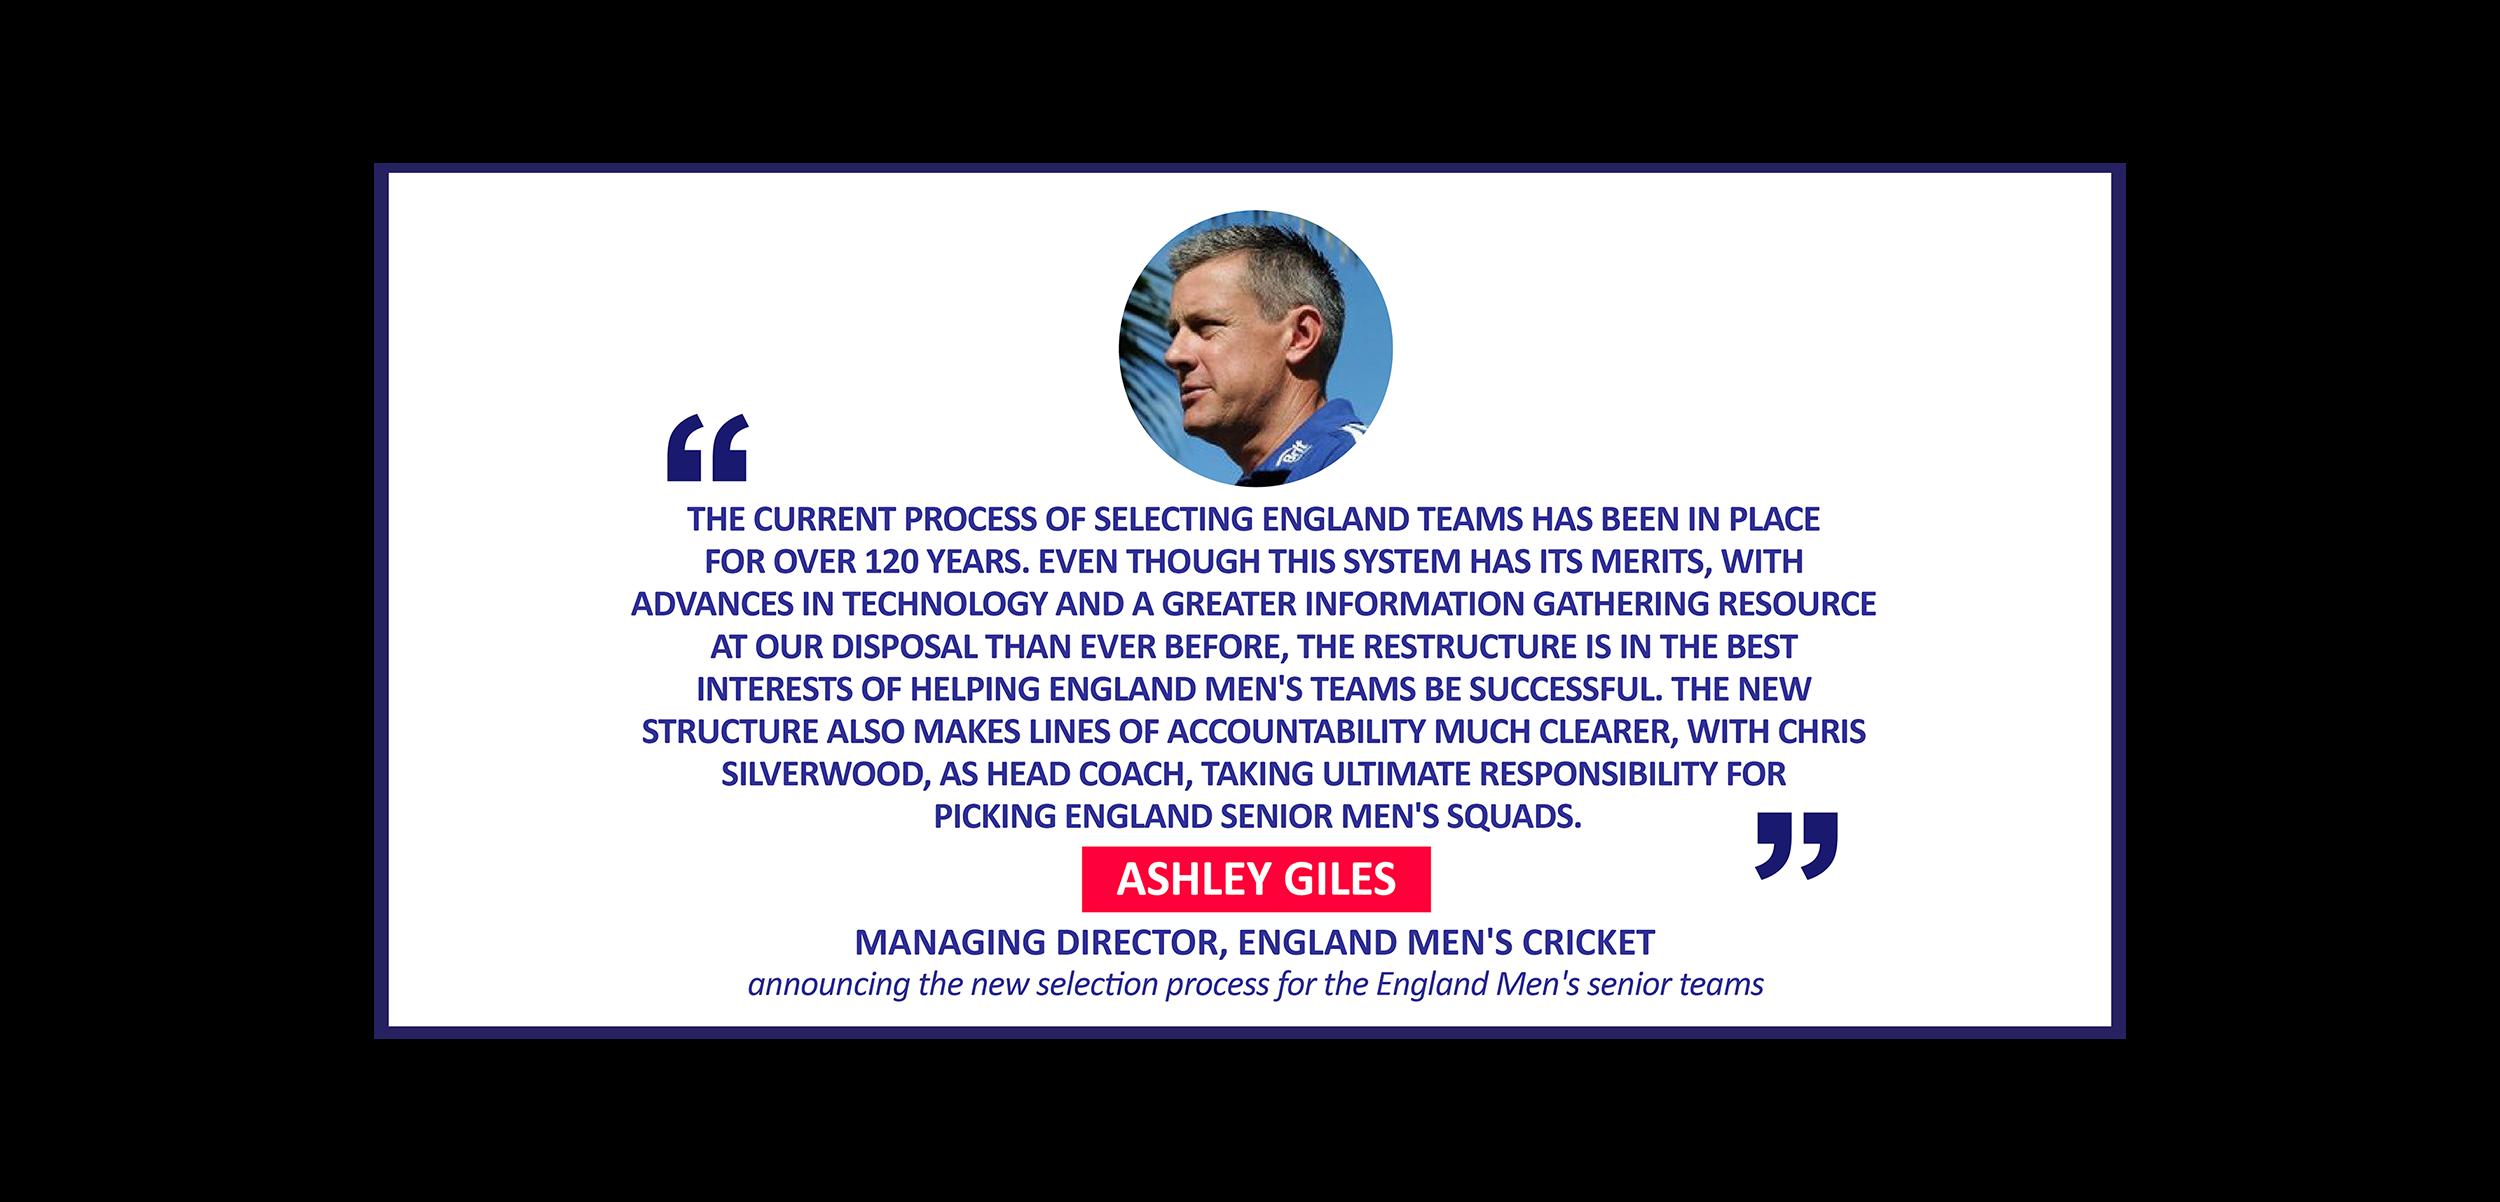 Ashley Giles, Managing Director, England Men's Cricket announcing the new selection process for the England Men's senior teams